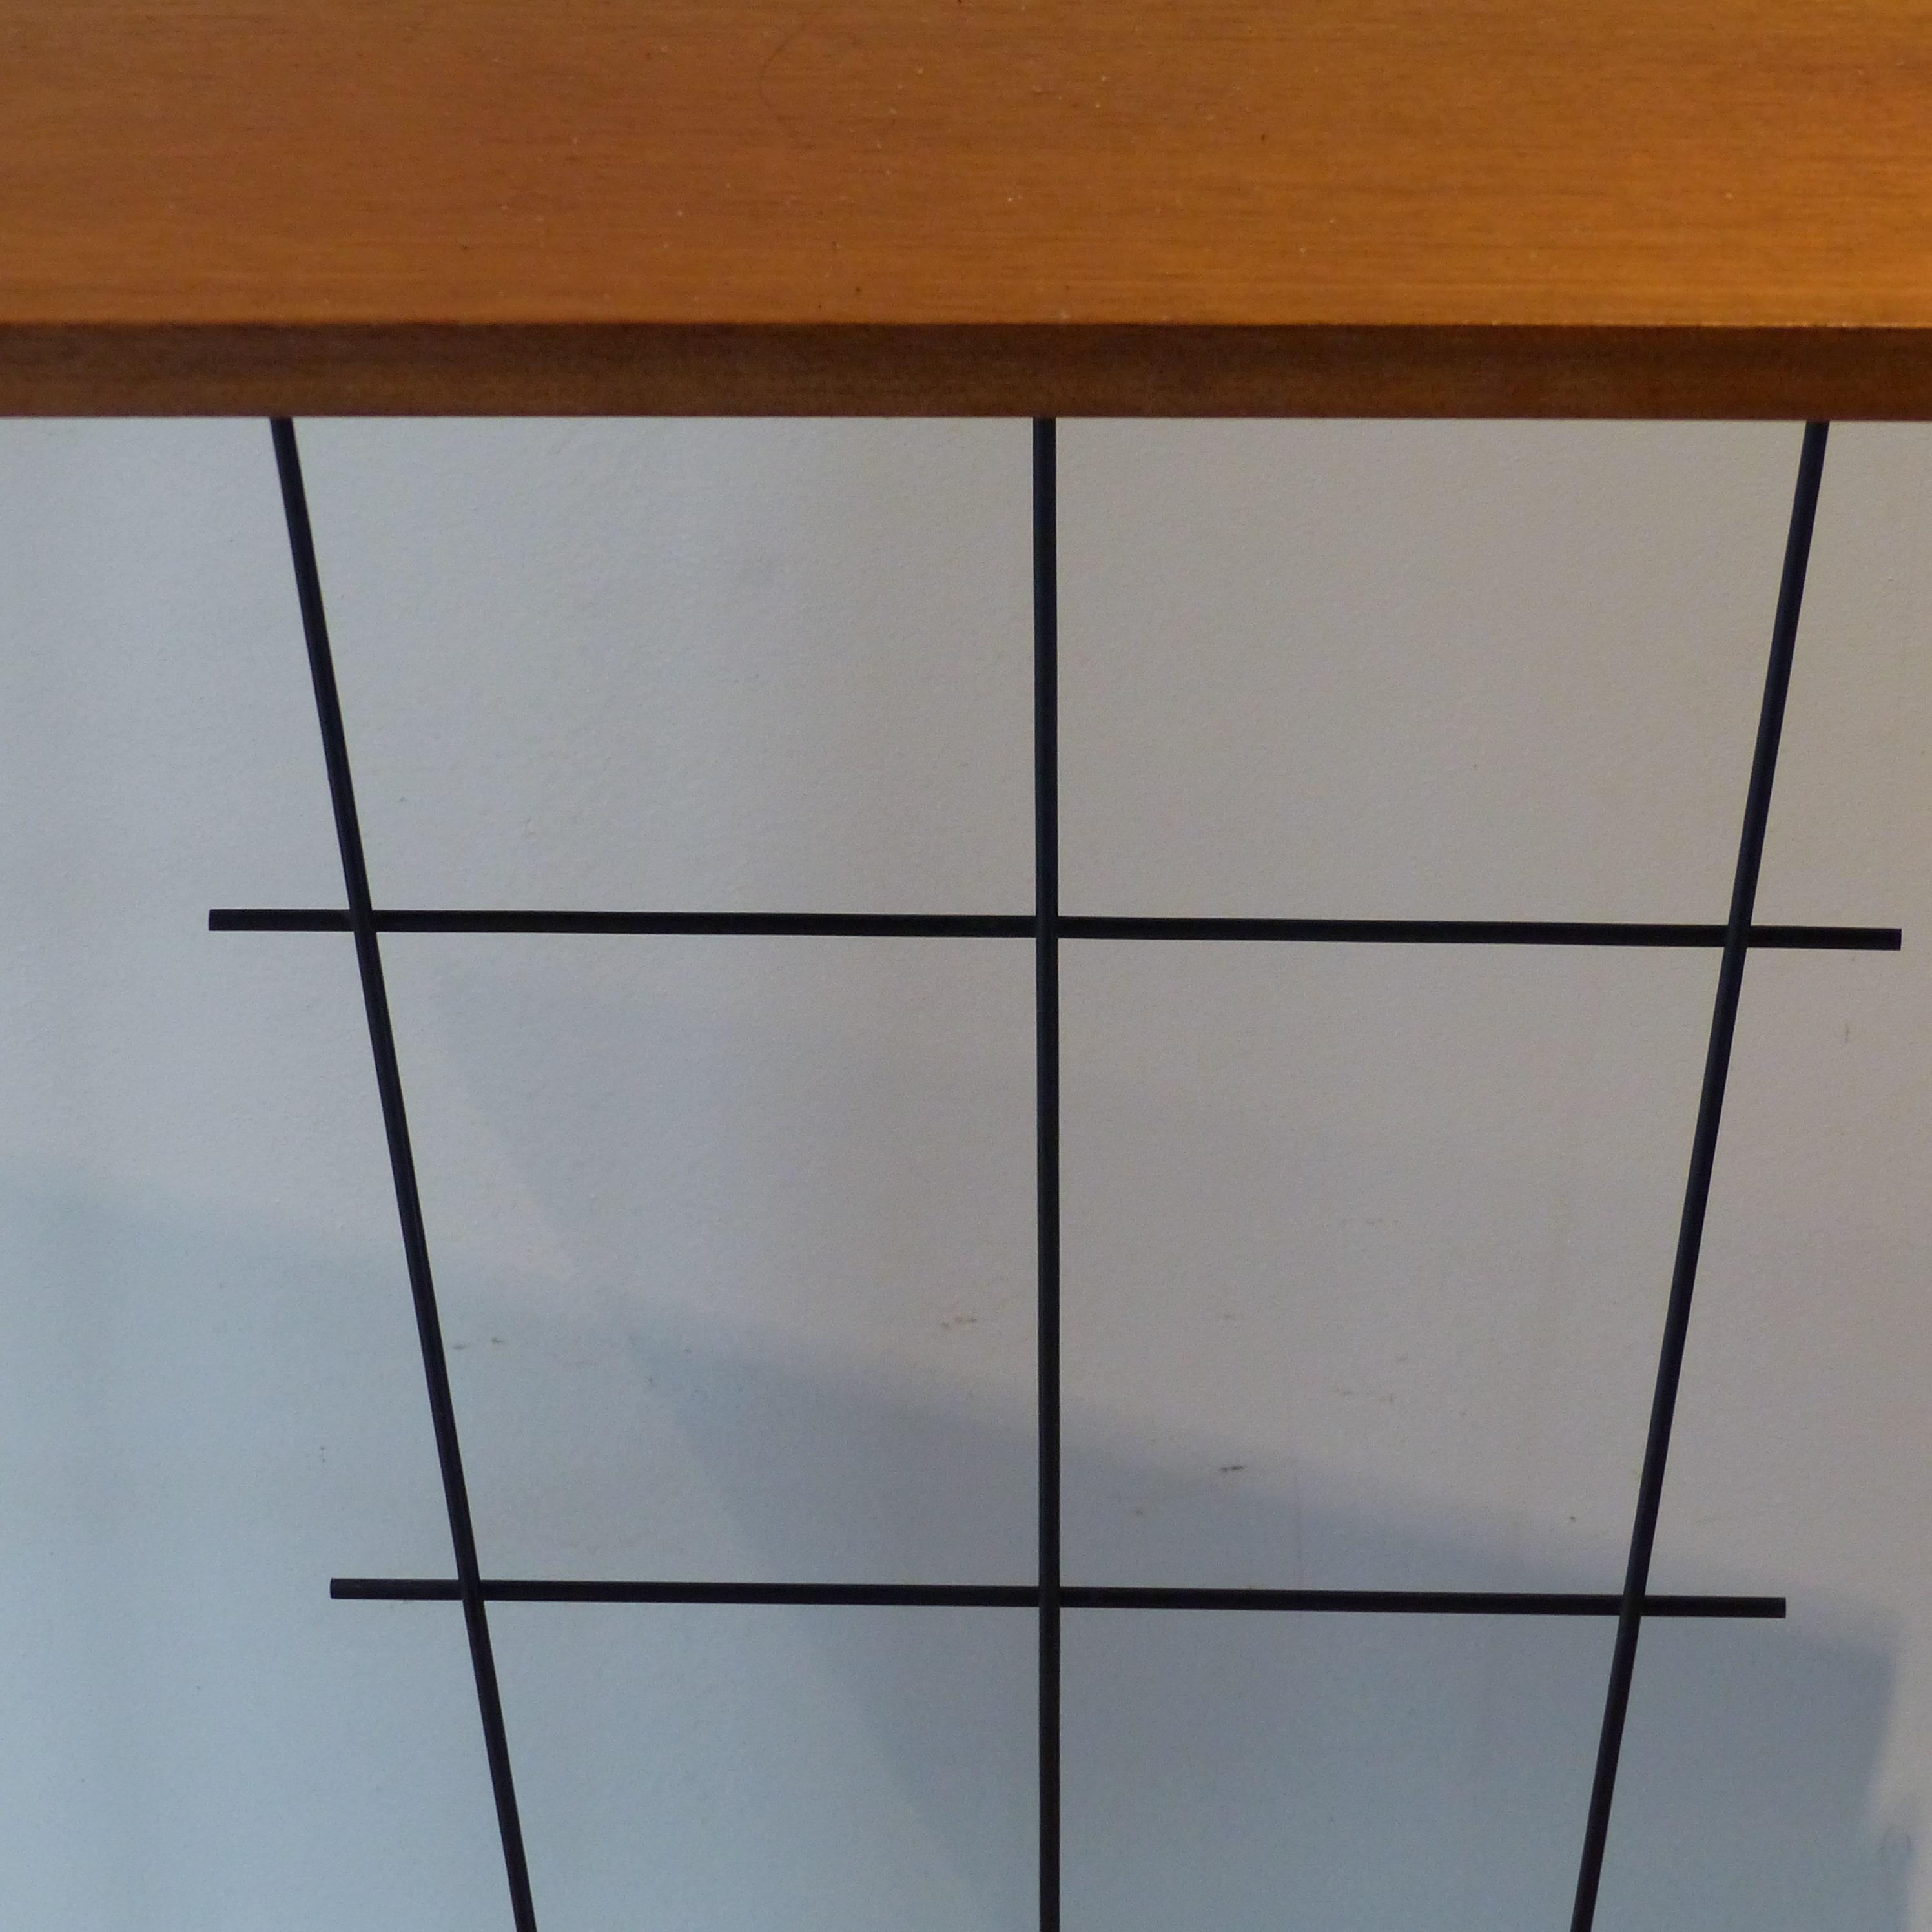 etag re scandinave vintage lignedebrocante brocante en ligne chine pour vous meubles vintage. Black Bedroom Furniture Sets. Home Design Ideas